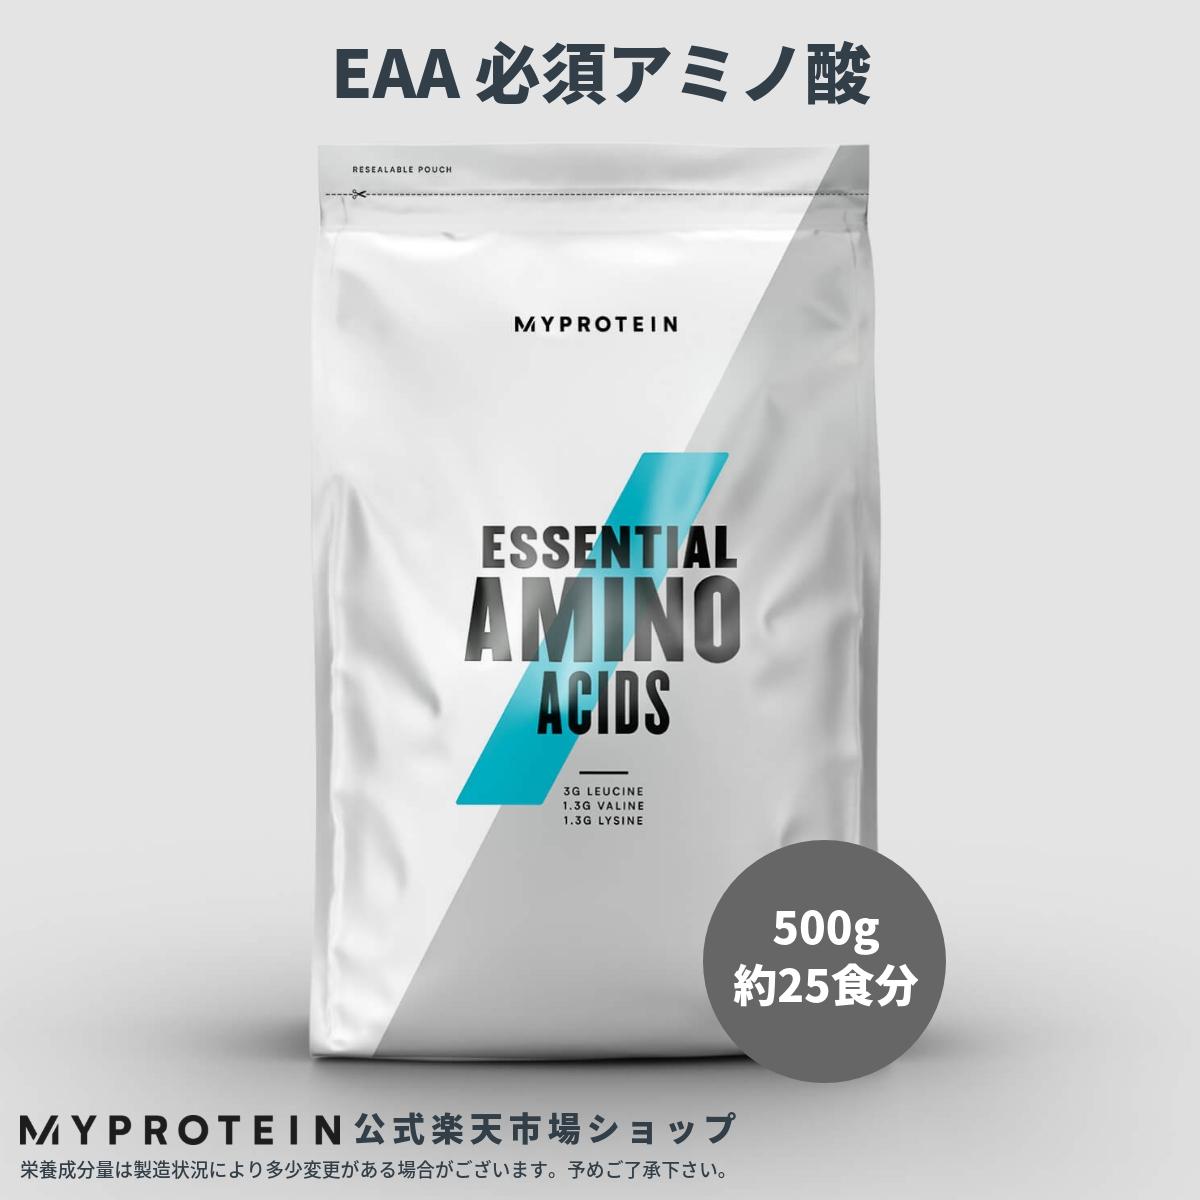 マイプロテイン 公式 【MyProtein】 EAA 必須アミノ酸 500g 約25食分| サプリメント サプリ BCAA アミノ酸 あみの酸 バリン ロイシン イソロイシン 燃焼系 スポーツサプリ ダイエットサプリ【楽天海外直送】